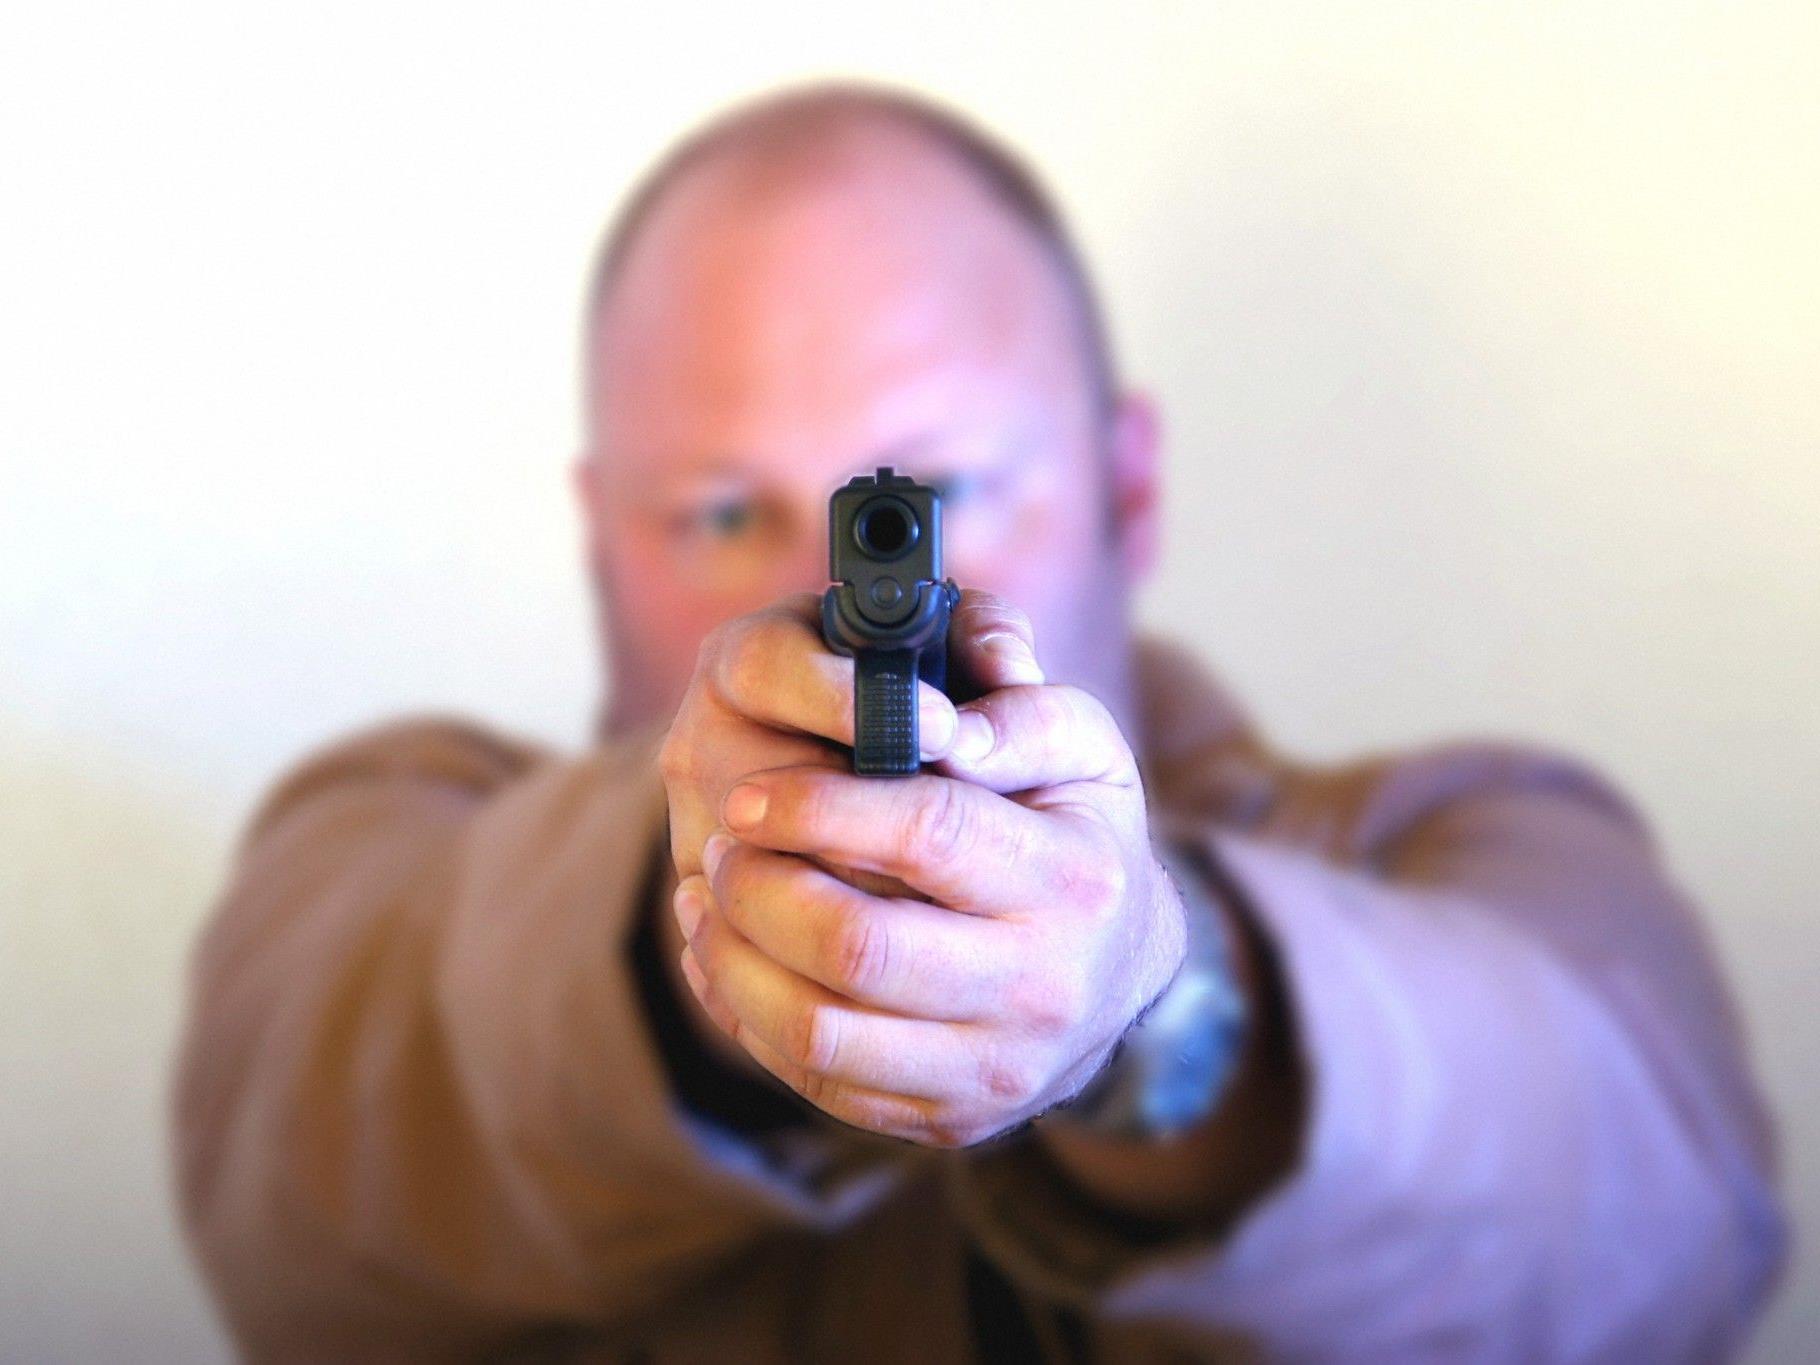 Einer der beiden Täter, der mit einer Pistole bewaffnet war, bedrohte den Tankstellenangestellten und forderte Geld.